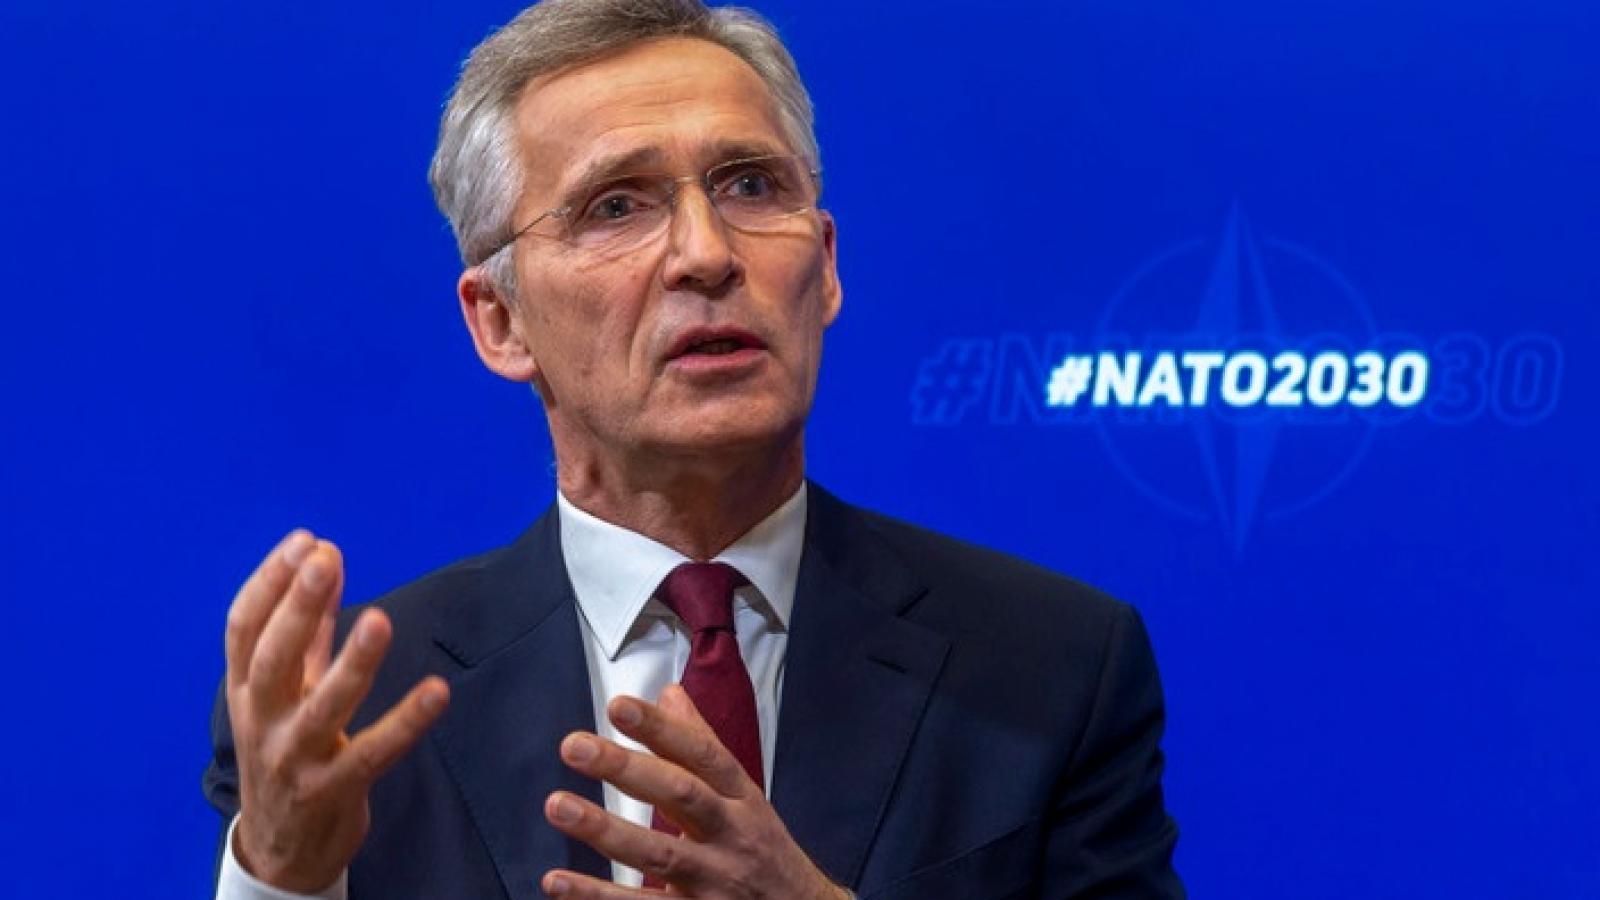 NATO tìm kiếm đối thoại với Nga và hoan nghênh Hội nghị thượng đỉnh Mỹ-Nga